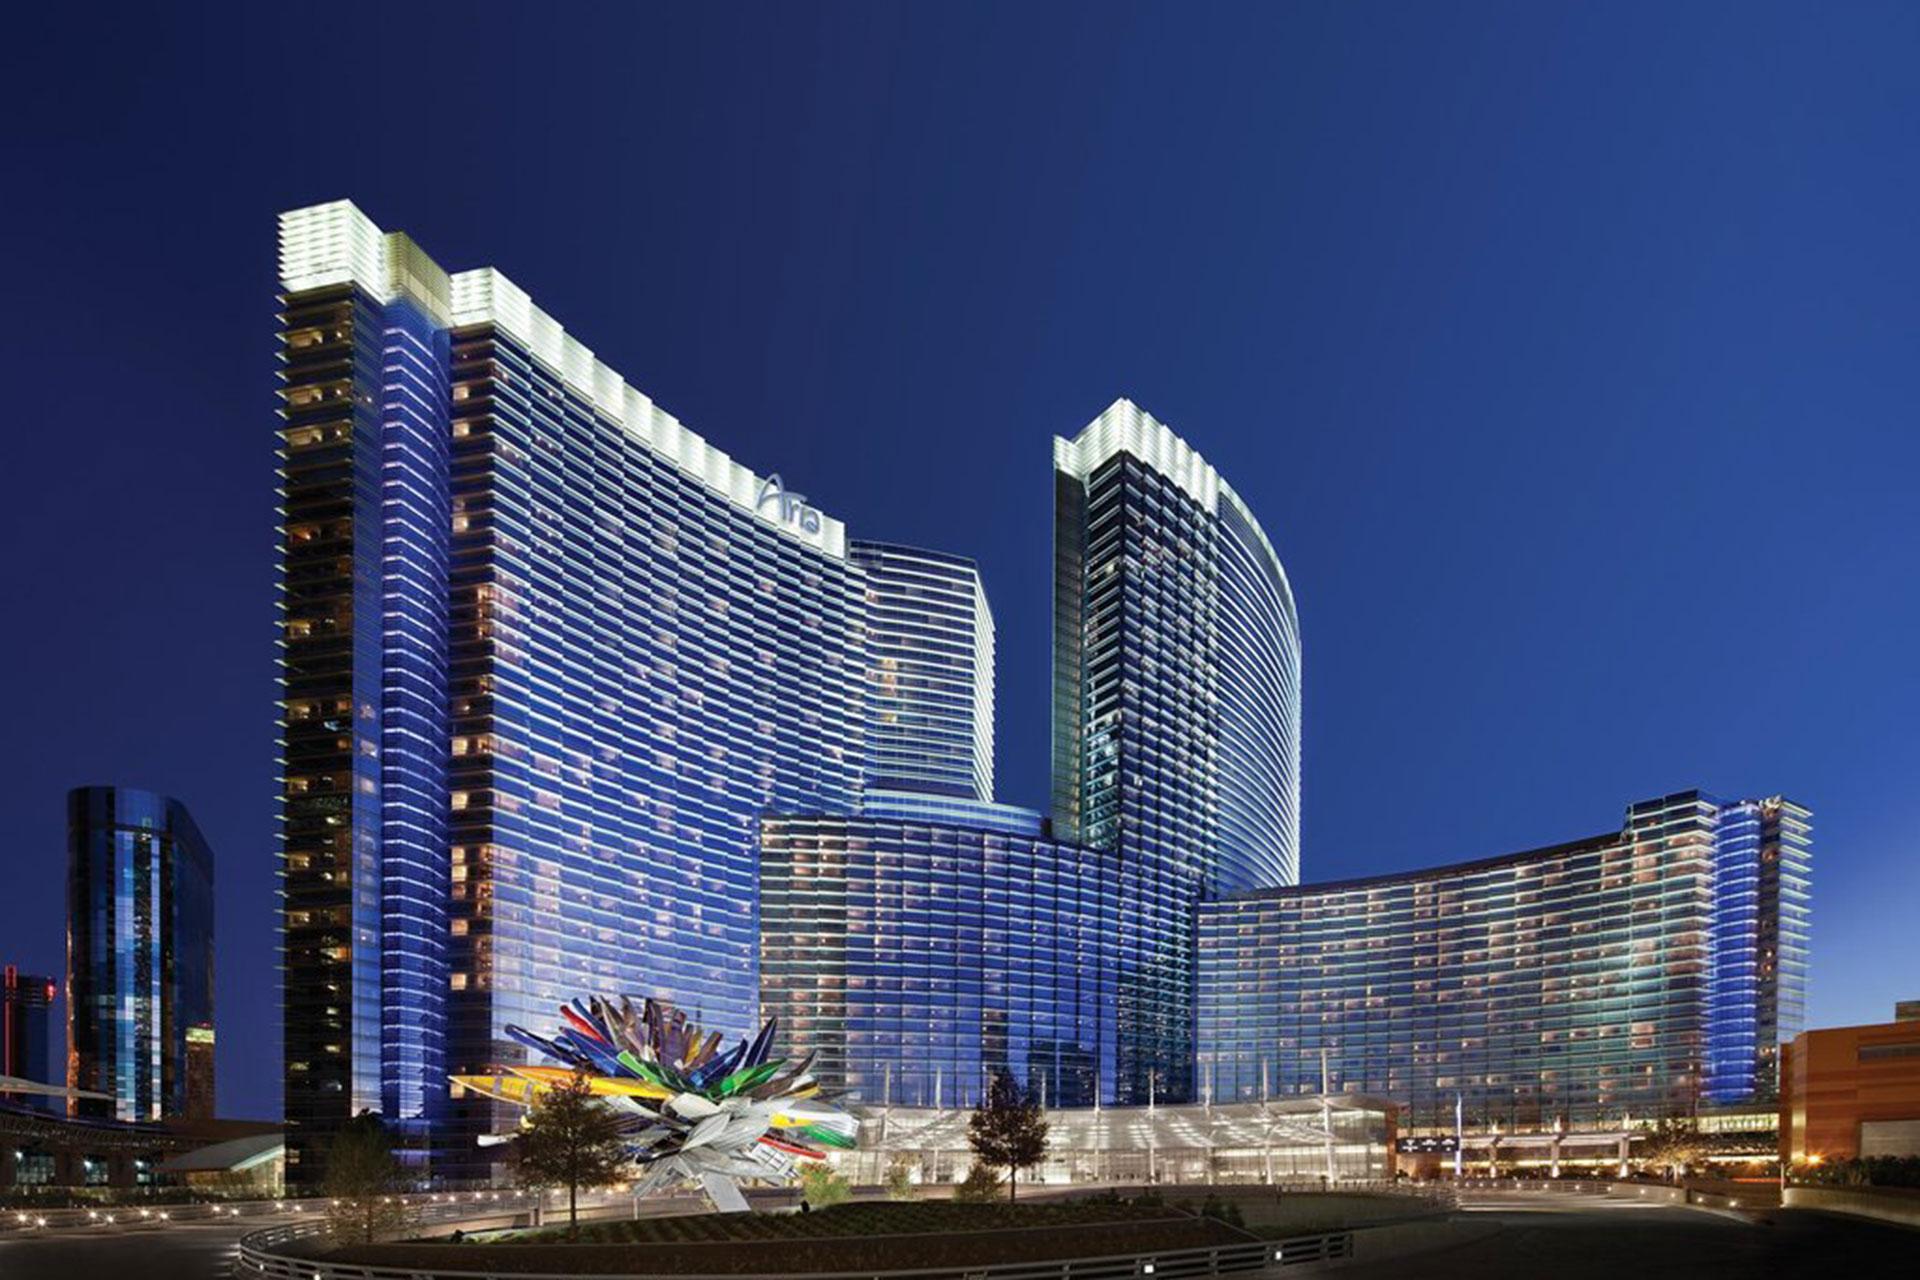 Exterior of ARIA Sky Suites in Las Vegas